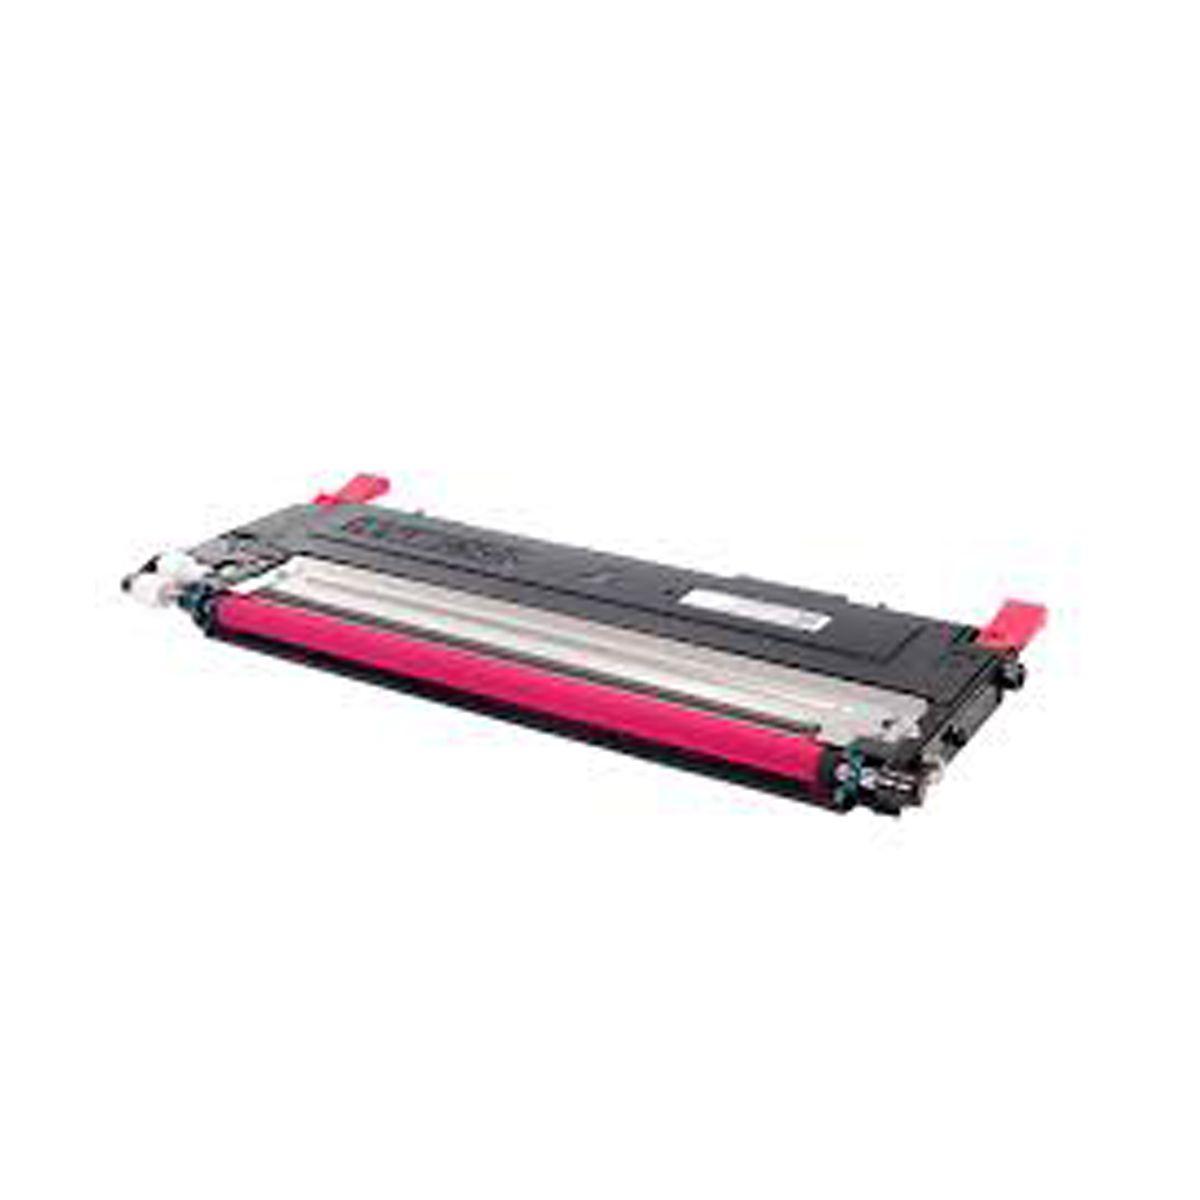 Toner Samsung CLT M409S Magenta - CLP-310 CLP-315 CLX-3170 CLX-3175 - Compativel